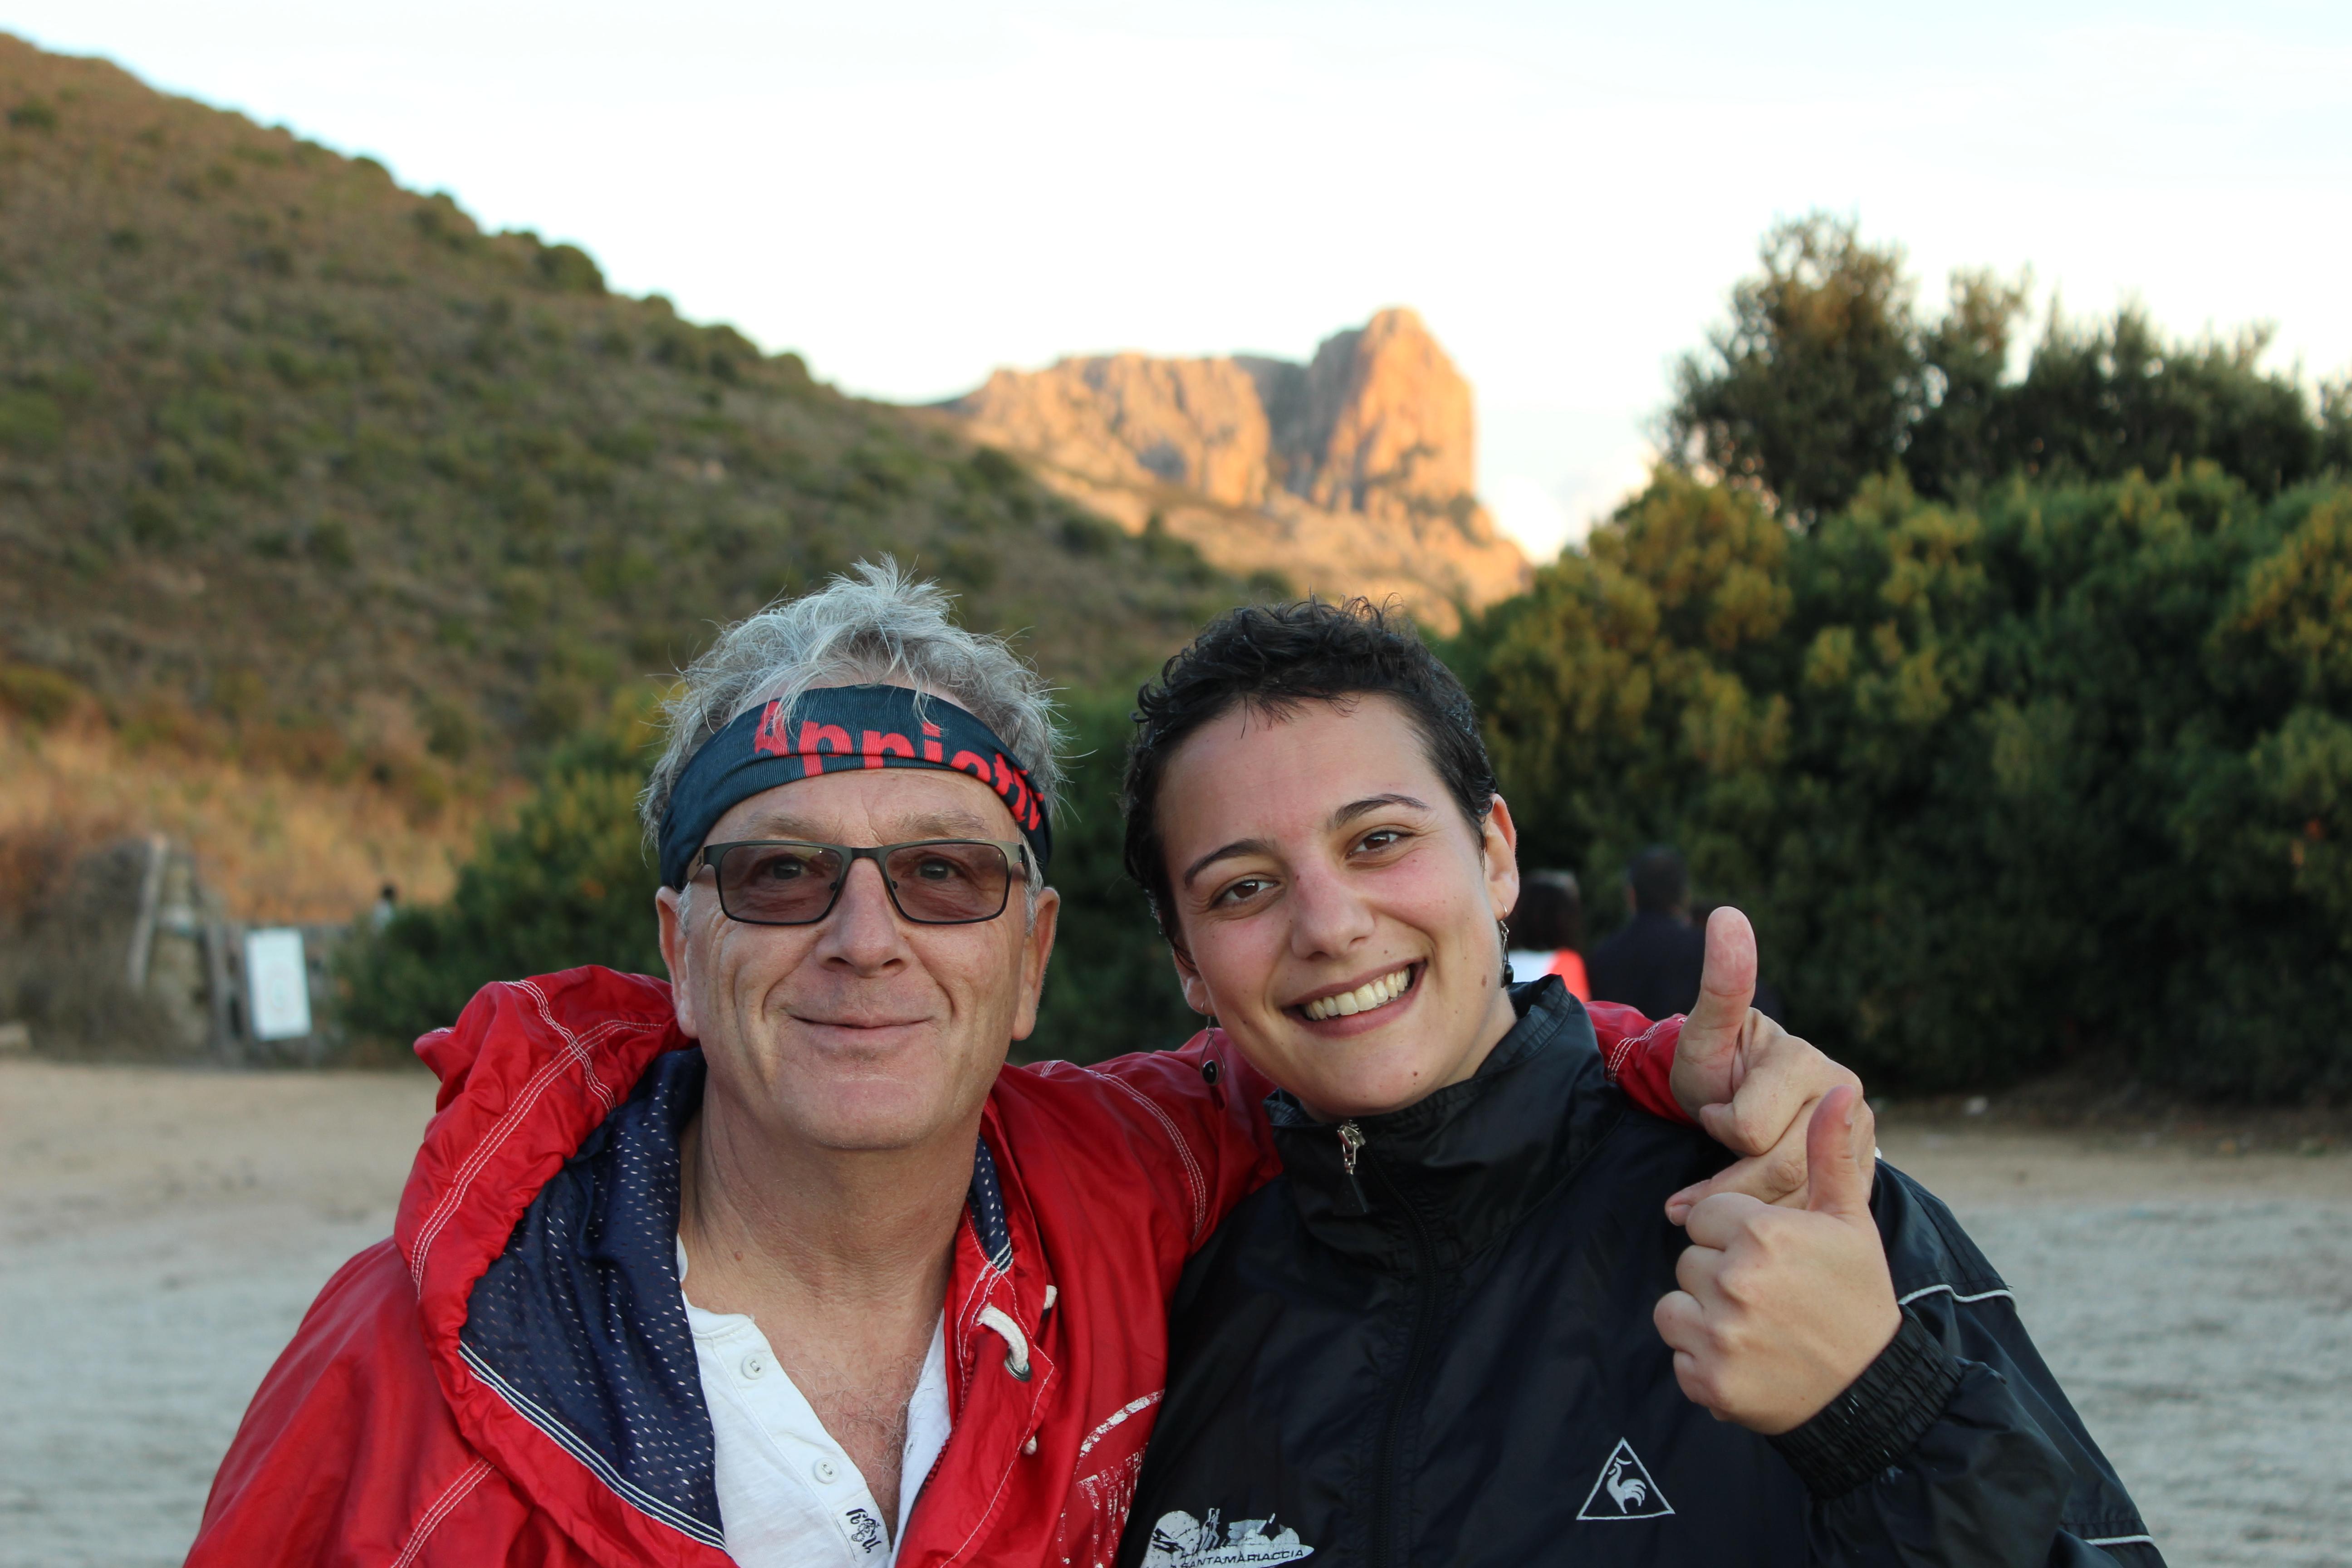 Le Trail Monte Gozzi en Corse – 8.11.2014